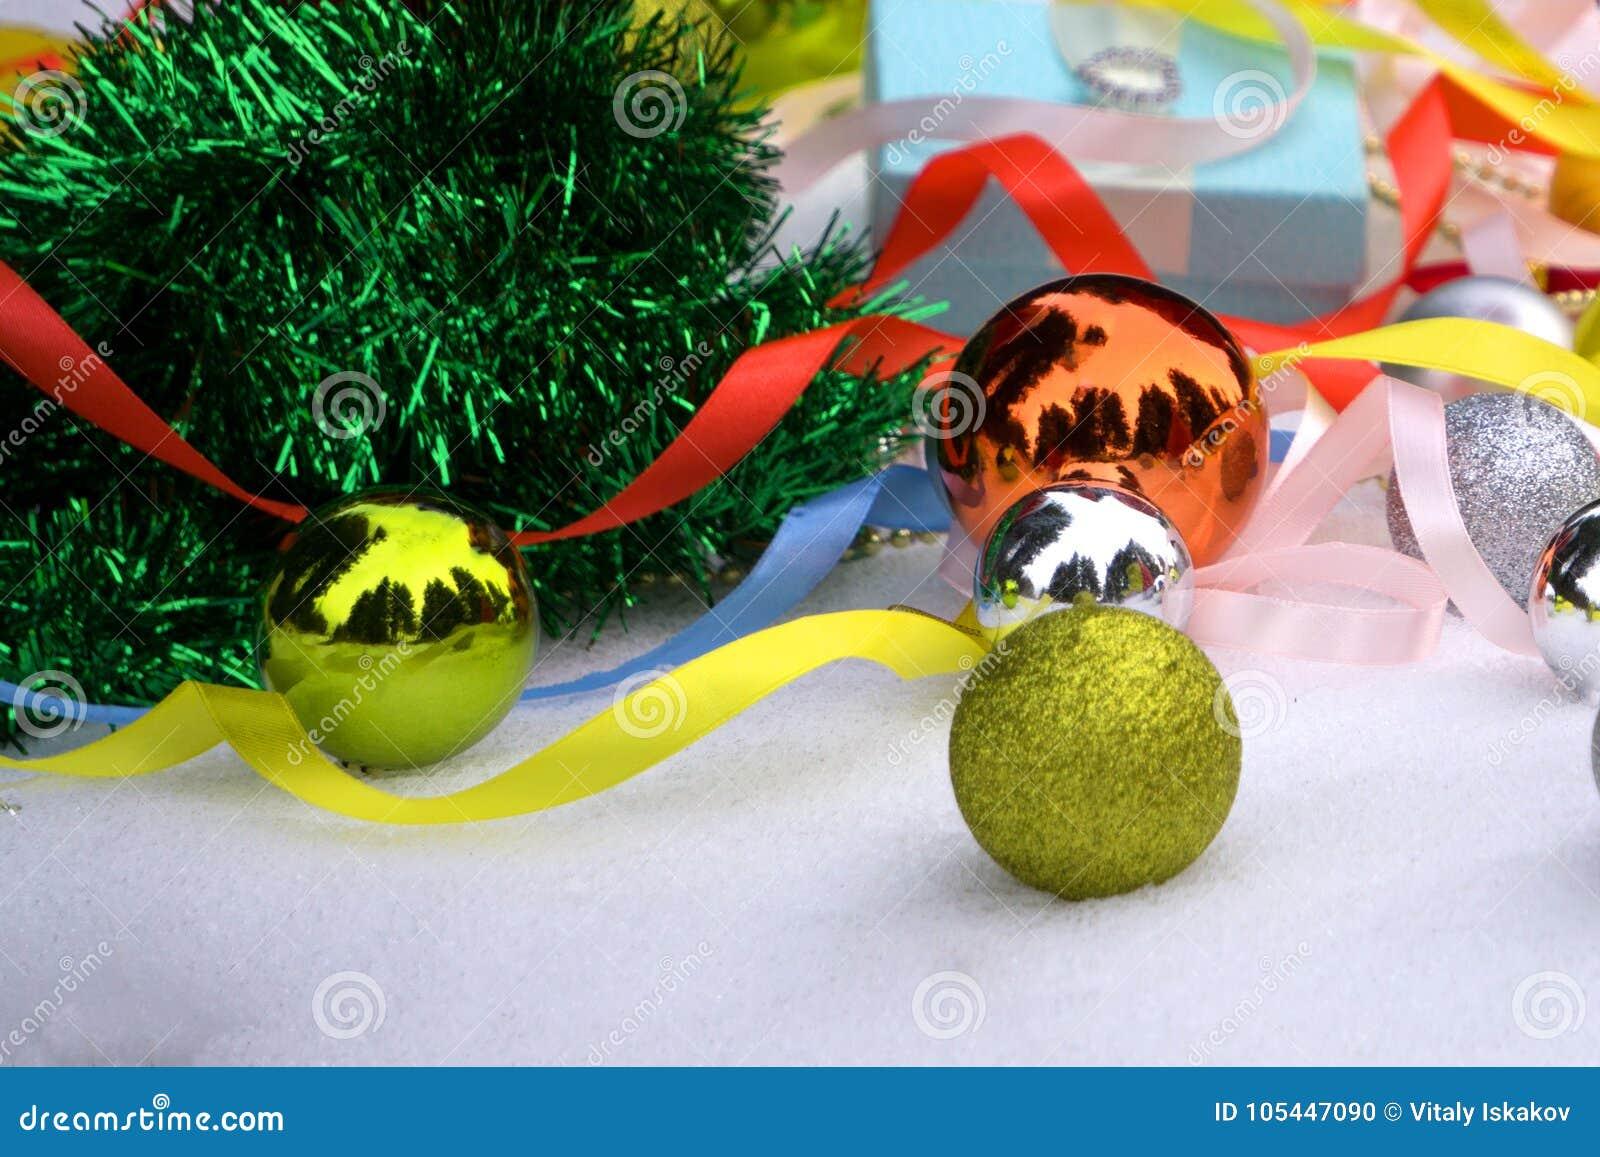 Hintergrund des neuen Jahres mit einem Weihnachtsbaum mit Blau und Silberbälle und -lametta